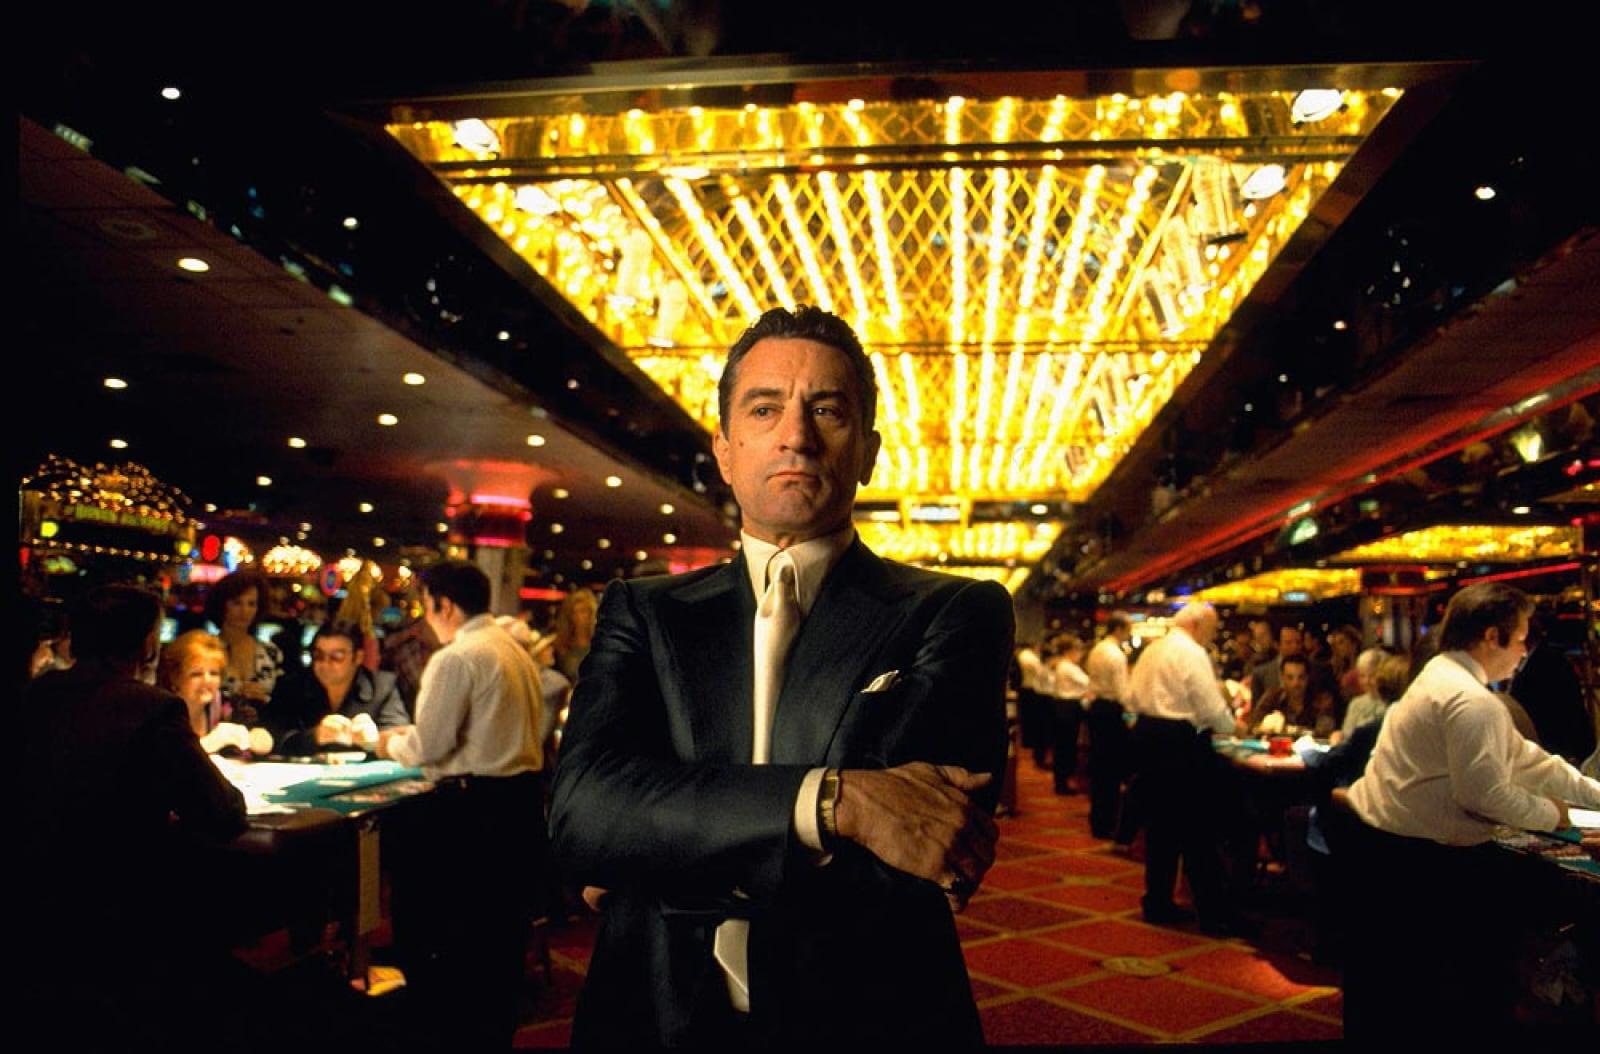 Regarder le film Casino, vingt ans après (partie 1)